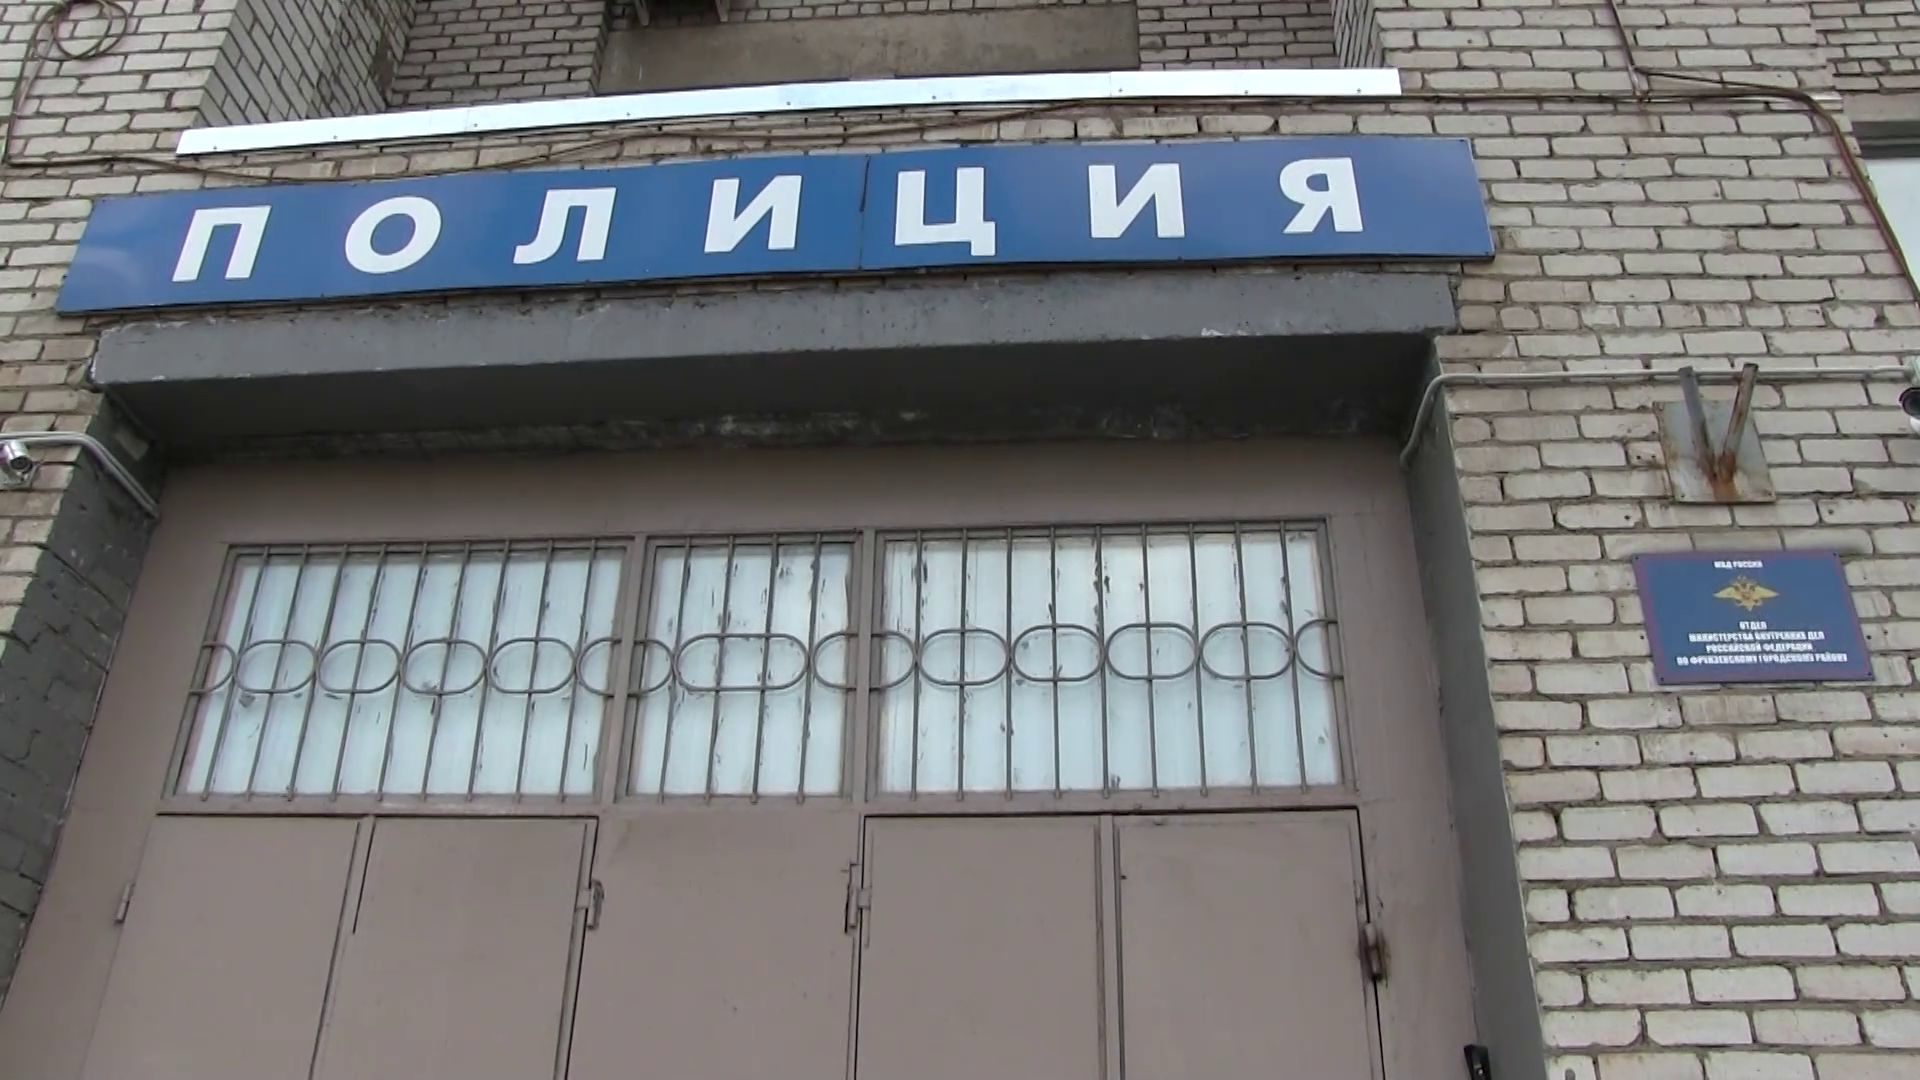 Ярославец перевел виртуальной подруге полтора миллиона рублей